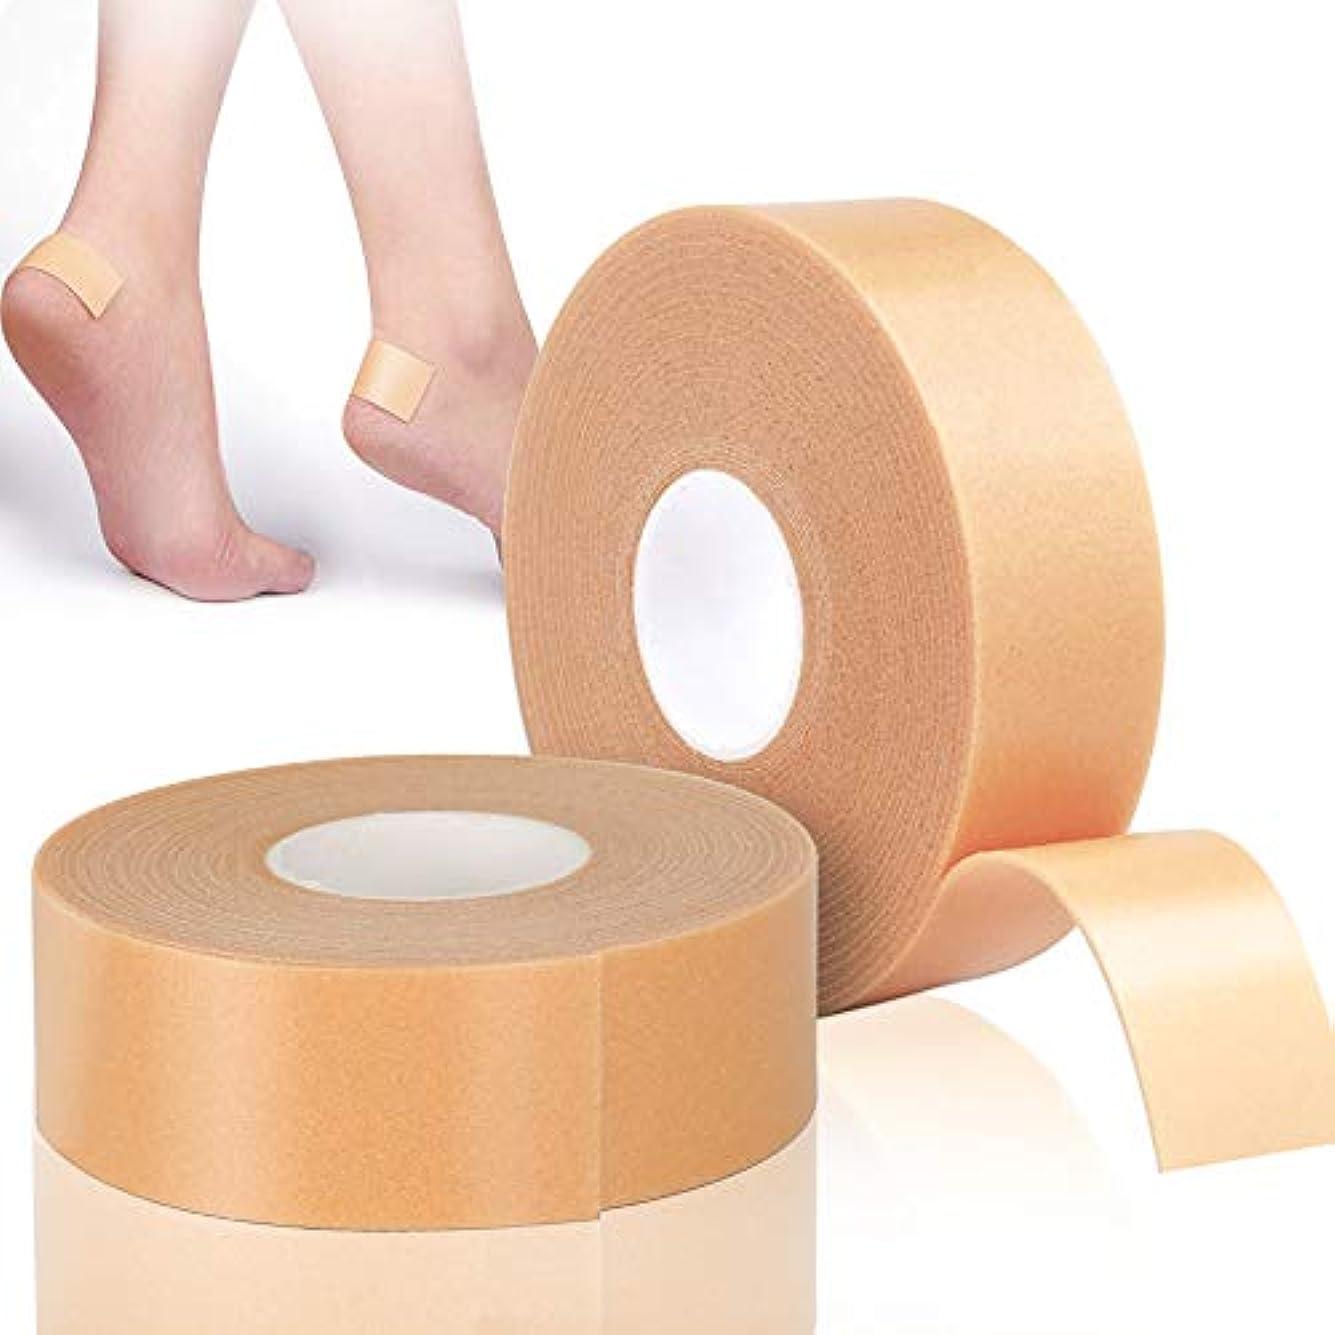 階十年膨張するLEOBRO 靴ずれ保護テープ 靴擦れ防止 かかと保護 衝撃吸収保護パッド 【2巻入り】 2.5cm*5m 肌色 防水素材 強粘着 足首保護パッド 耐摩耗 かかと痛み緩和